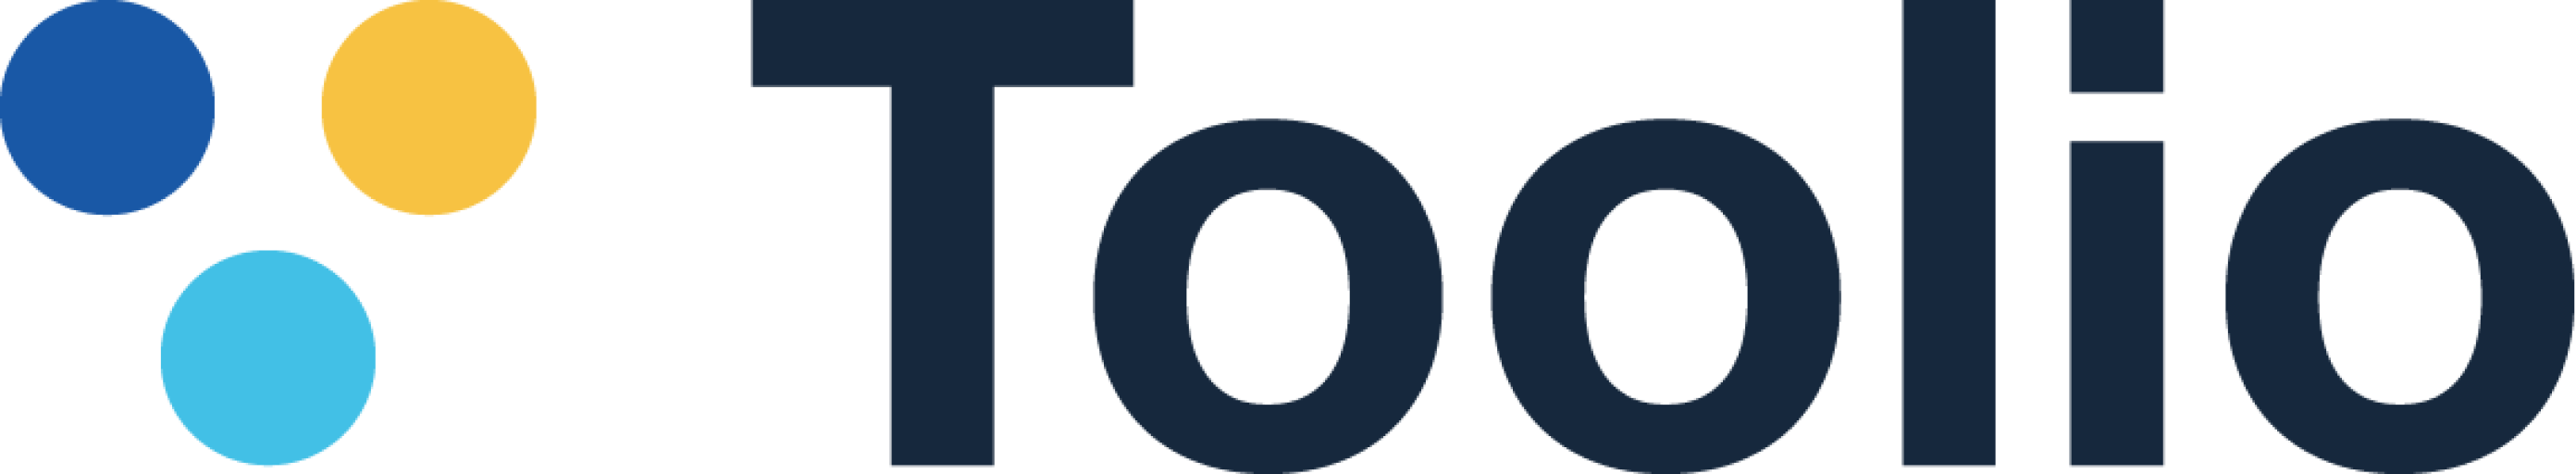 Toolio